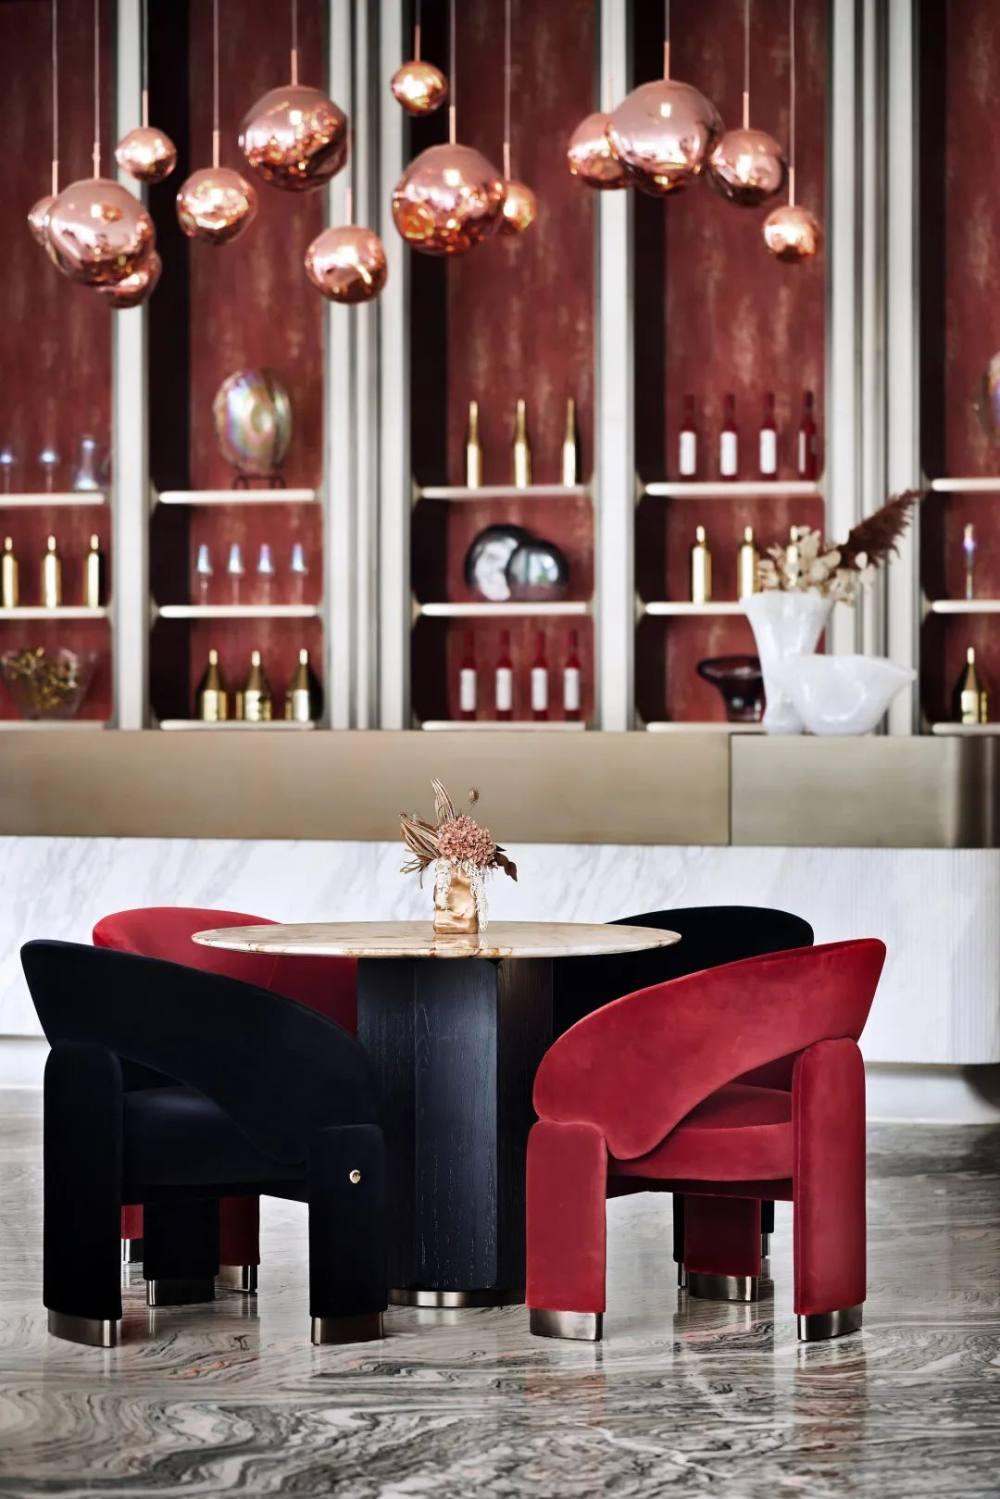 布鲁盟设计丨阳光城梵悦108:设计生活与艺术的共同体-45.jpg